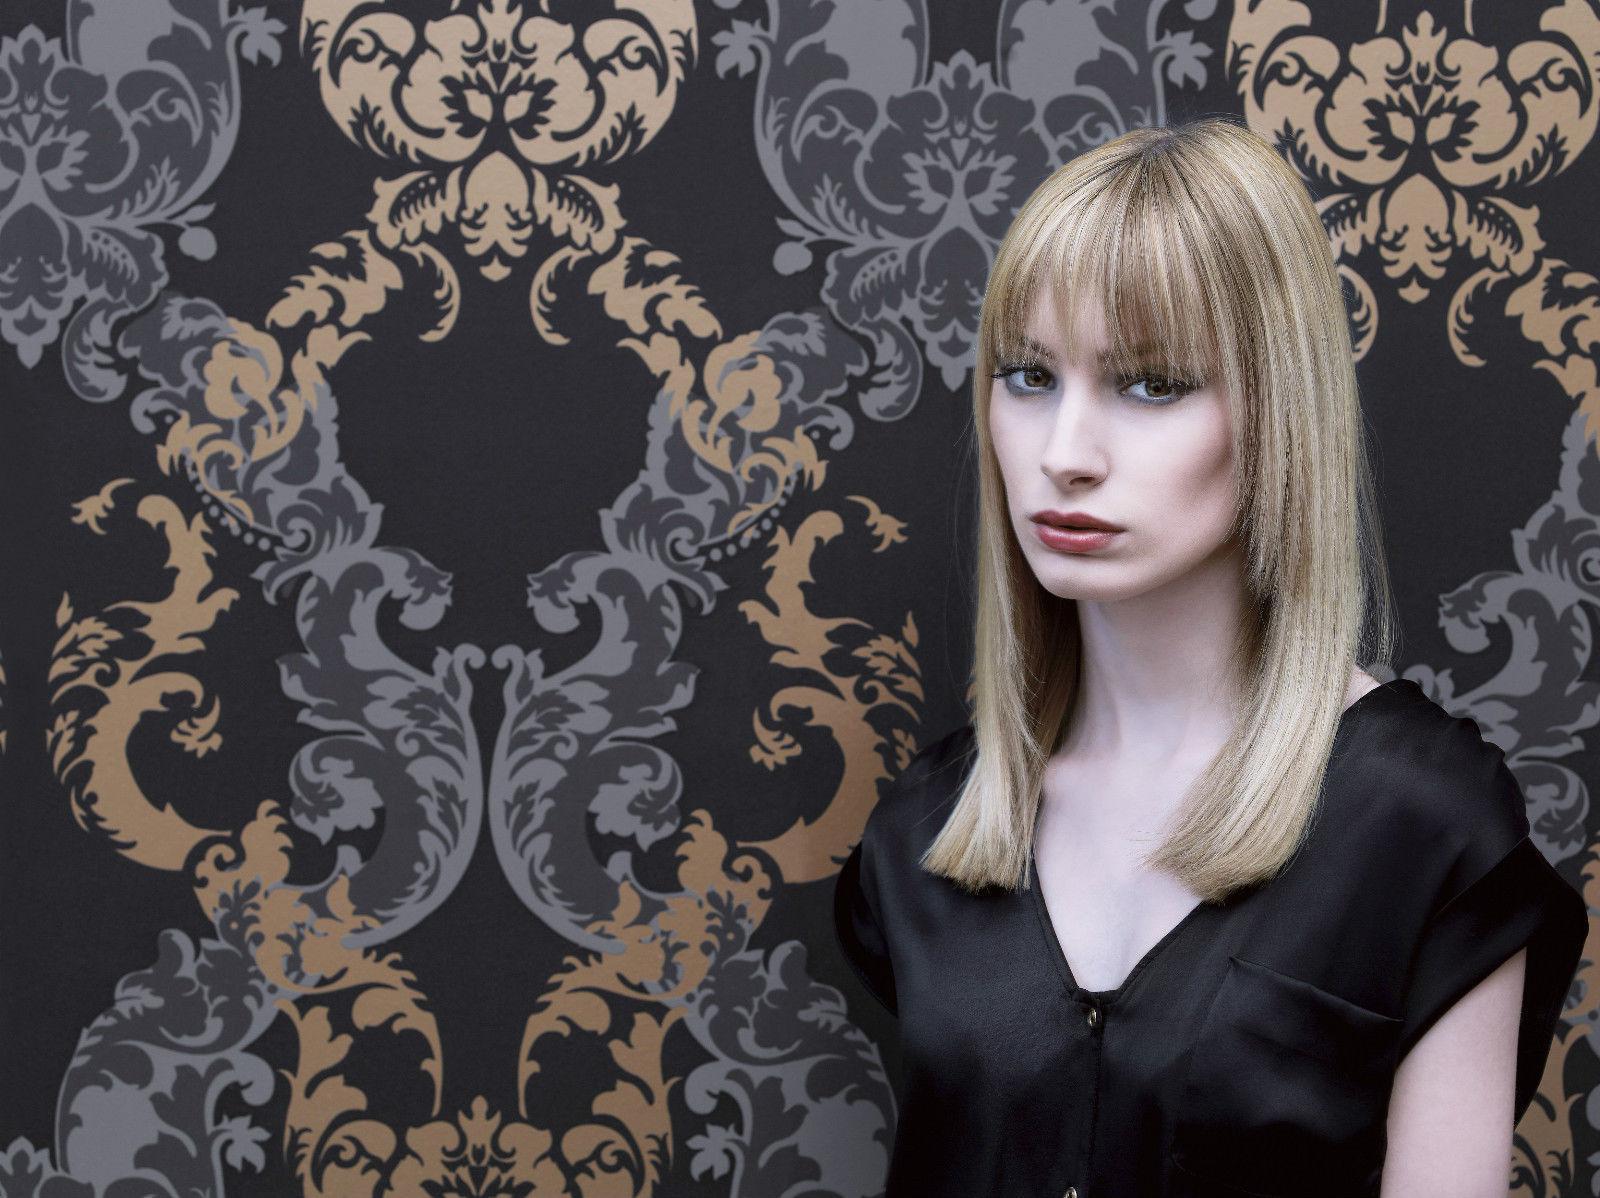 Tapete schwarz grau silber online kaufen bei yatego